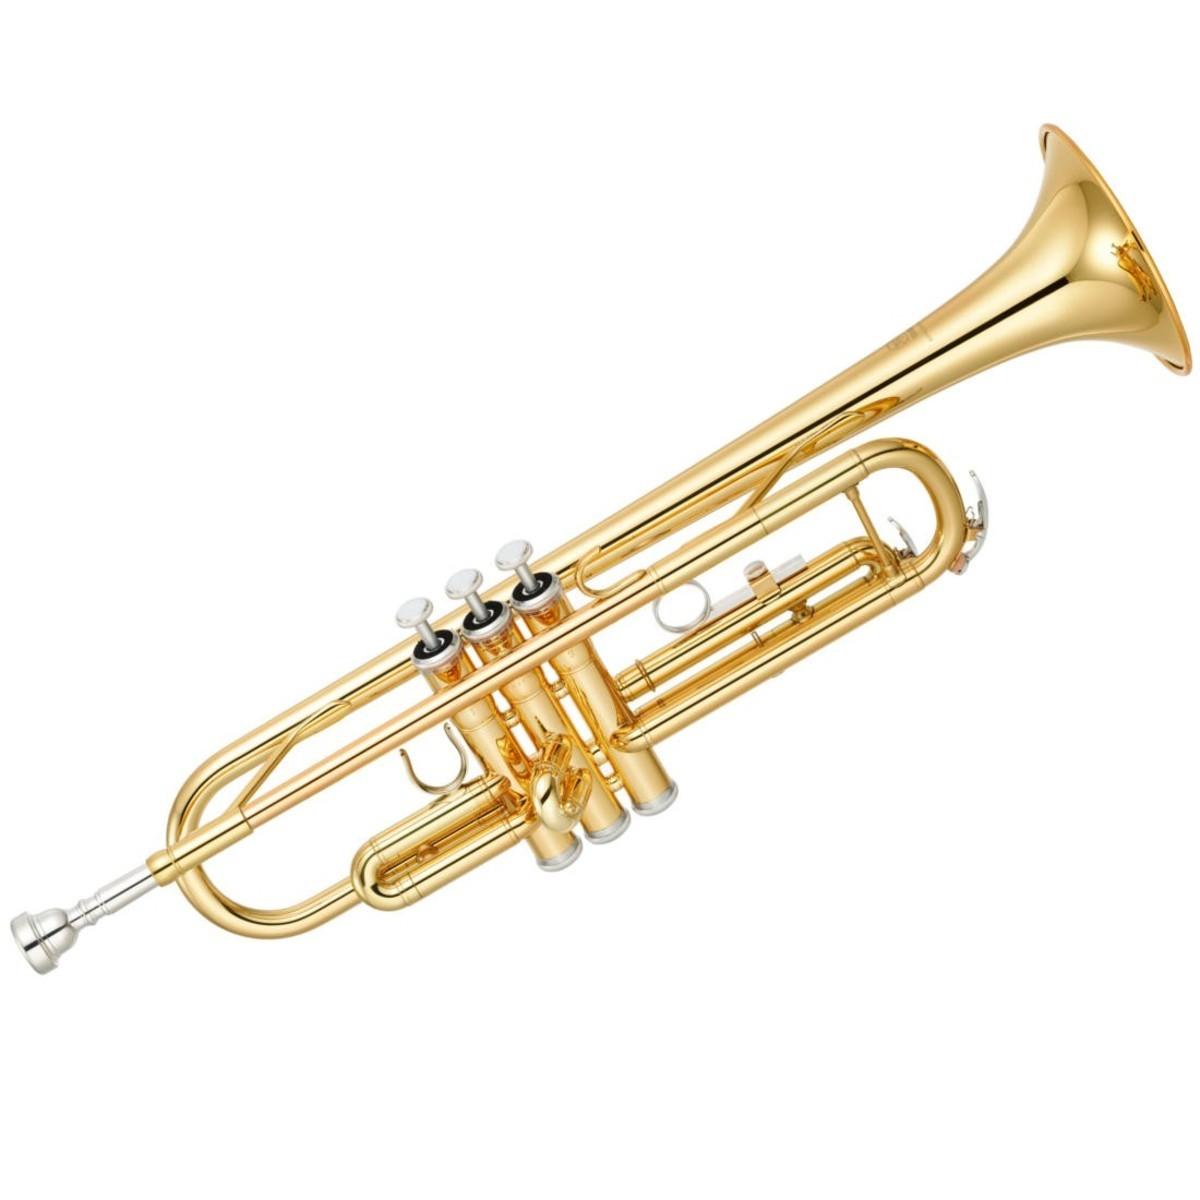 Trumpette. .. Is my trombone showing?